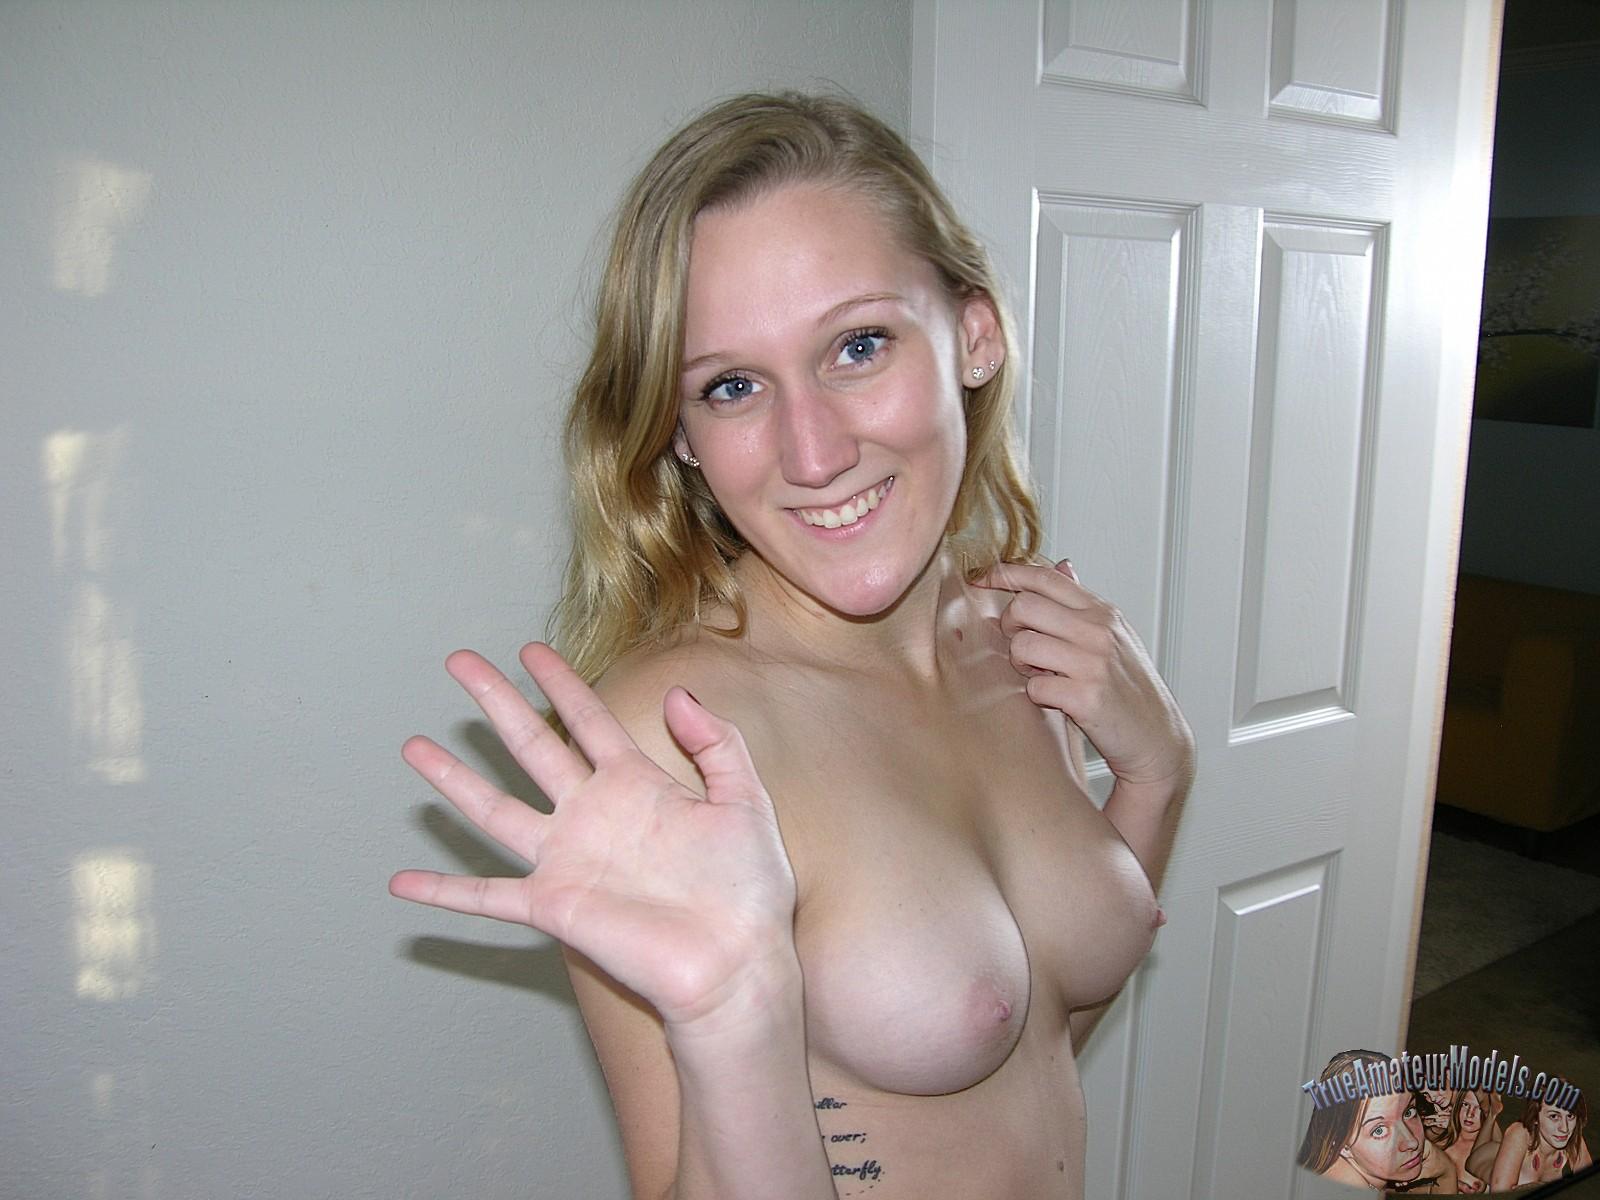 Amateur Teen Girlfriend Pics